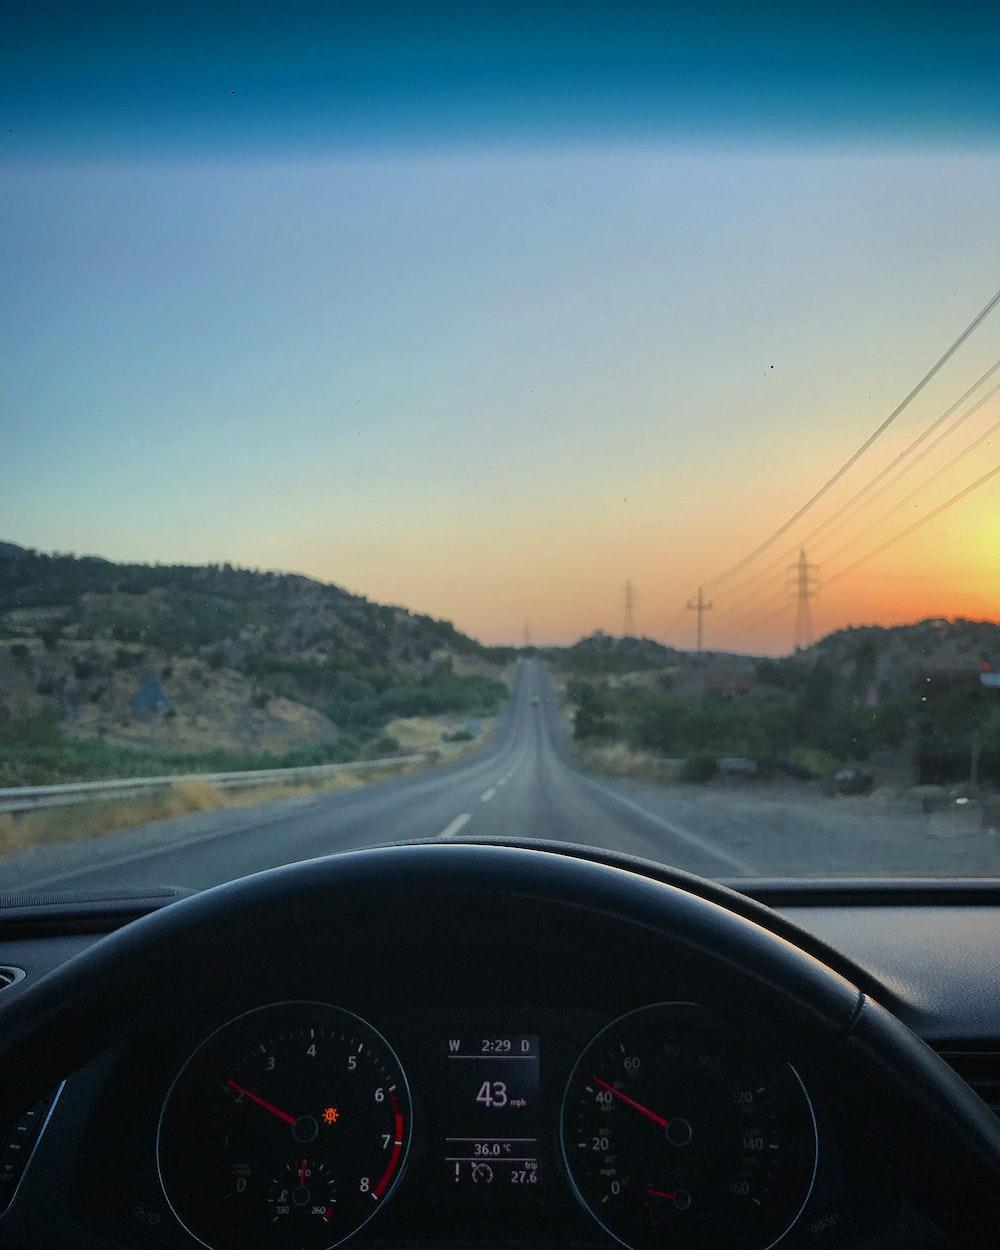 car dashboard showing 43